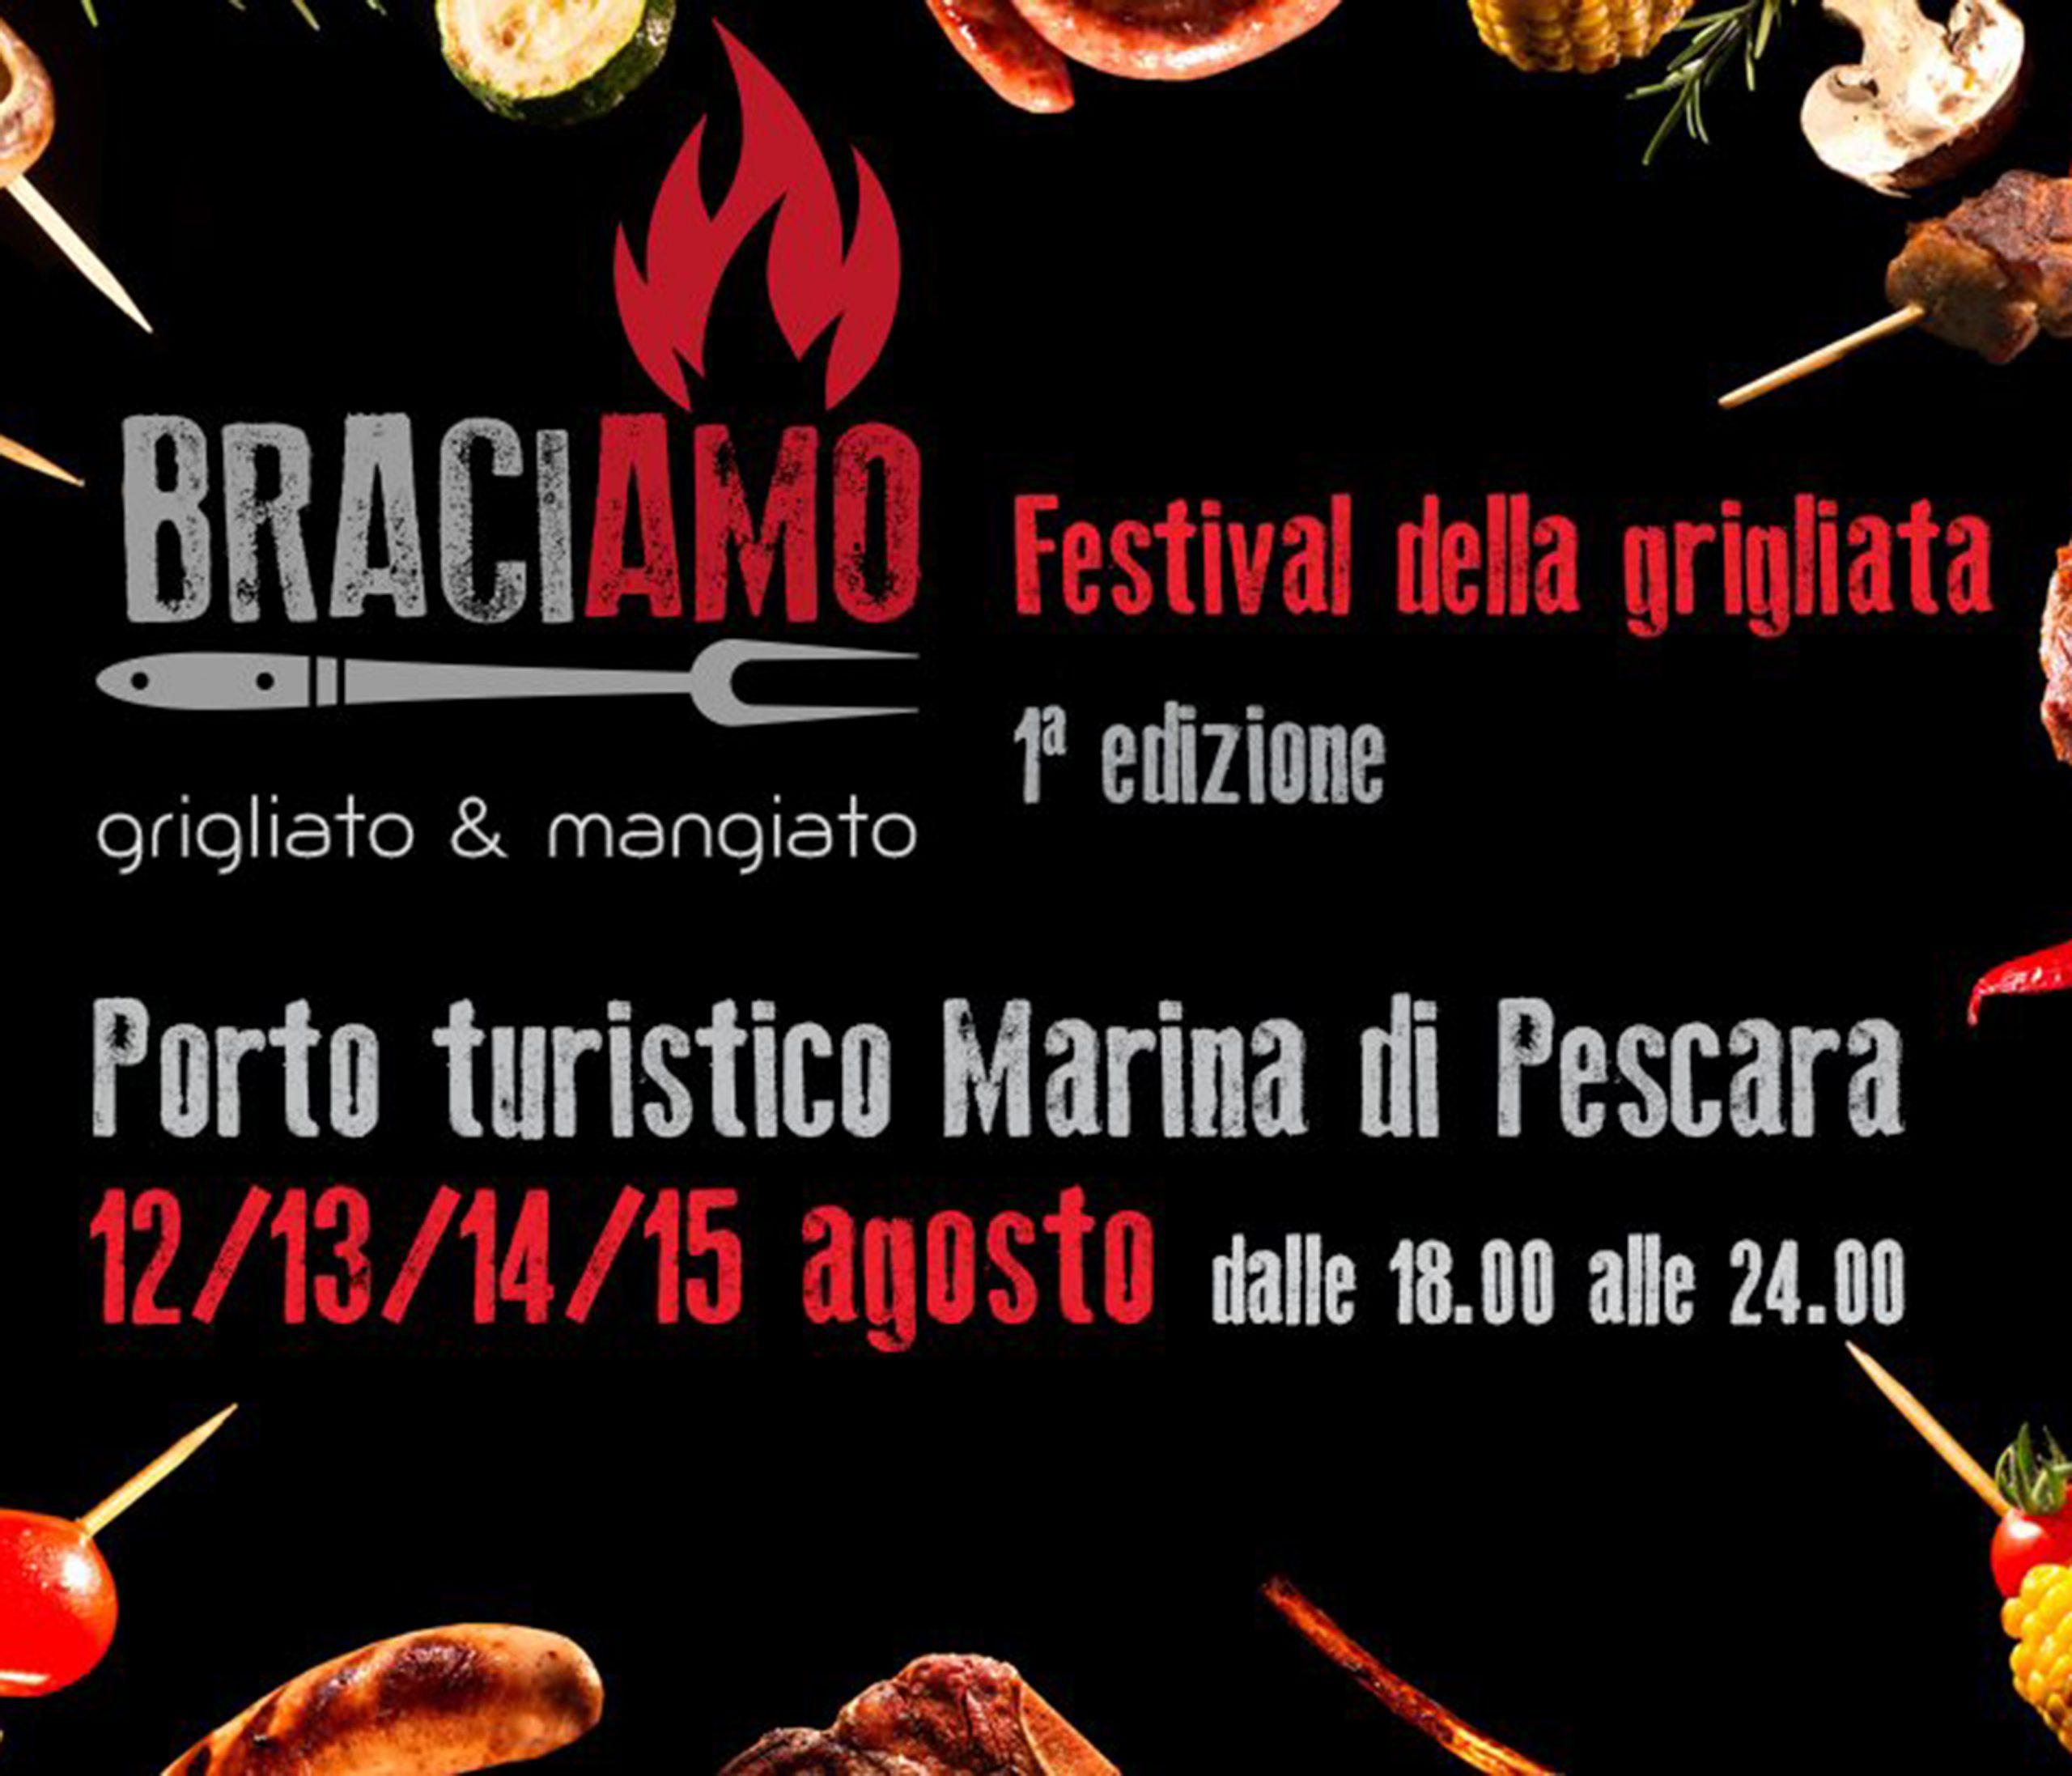 BraciAmo - Festival della grigliata